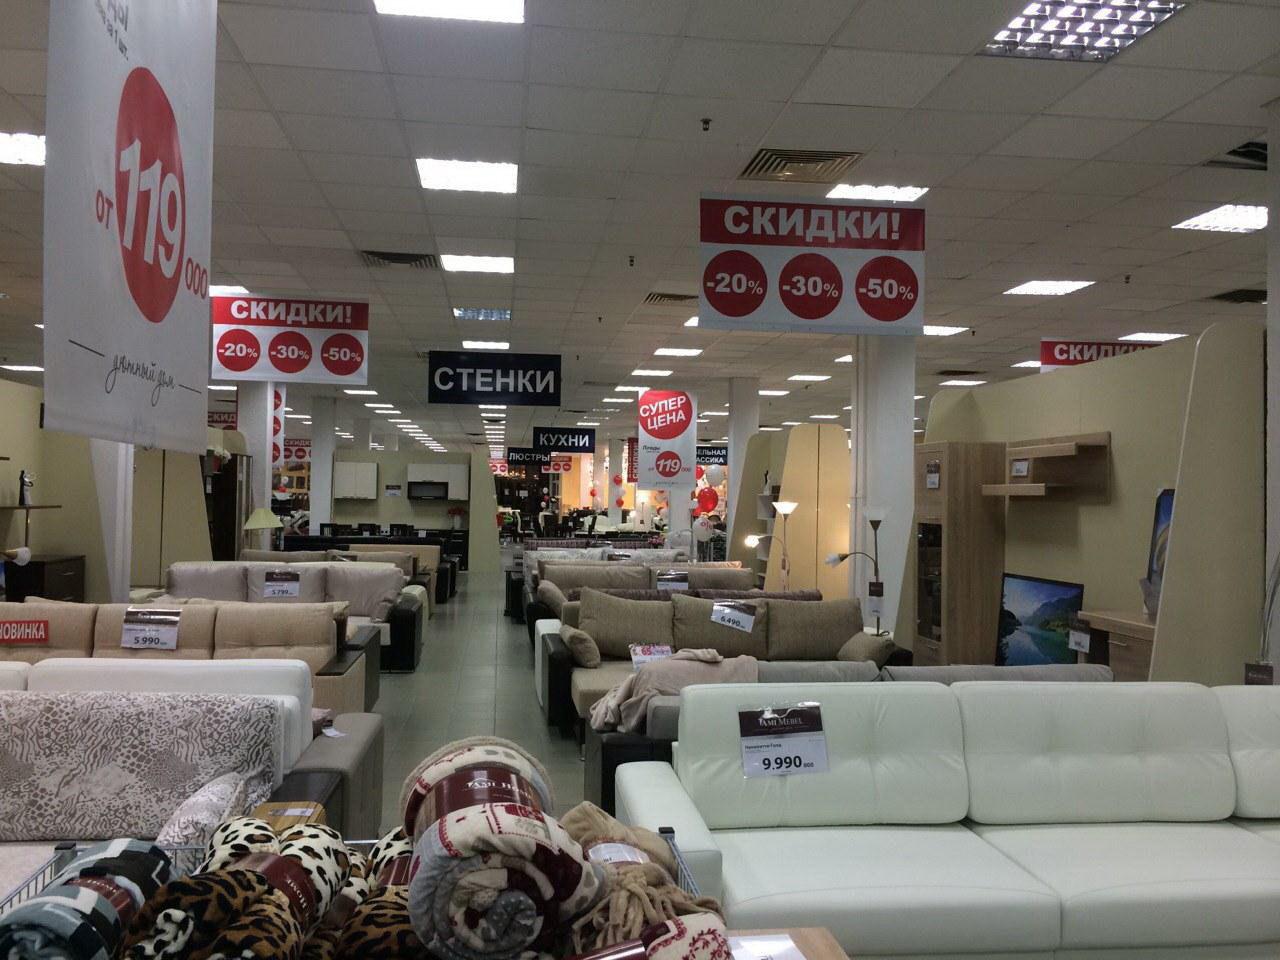 самый большой магазин мебели своей сути